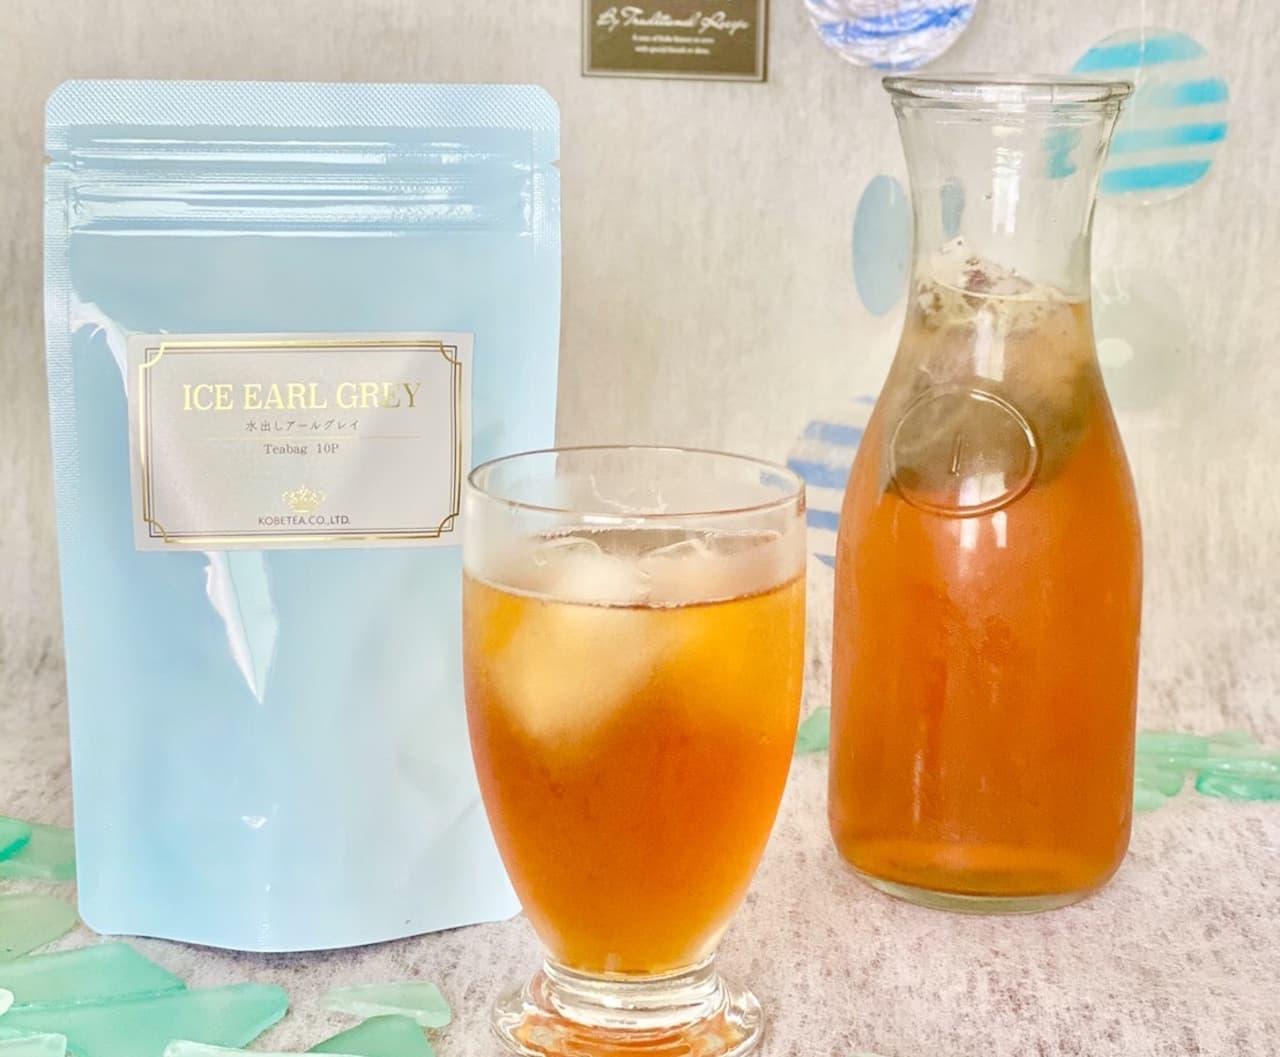 神戸紅茶「水出しアールグレイ」